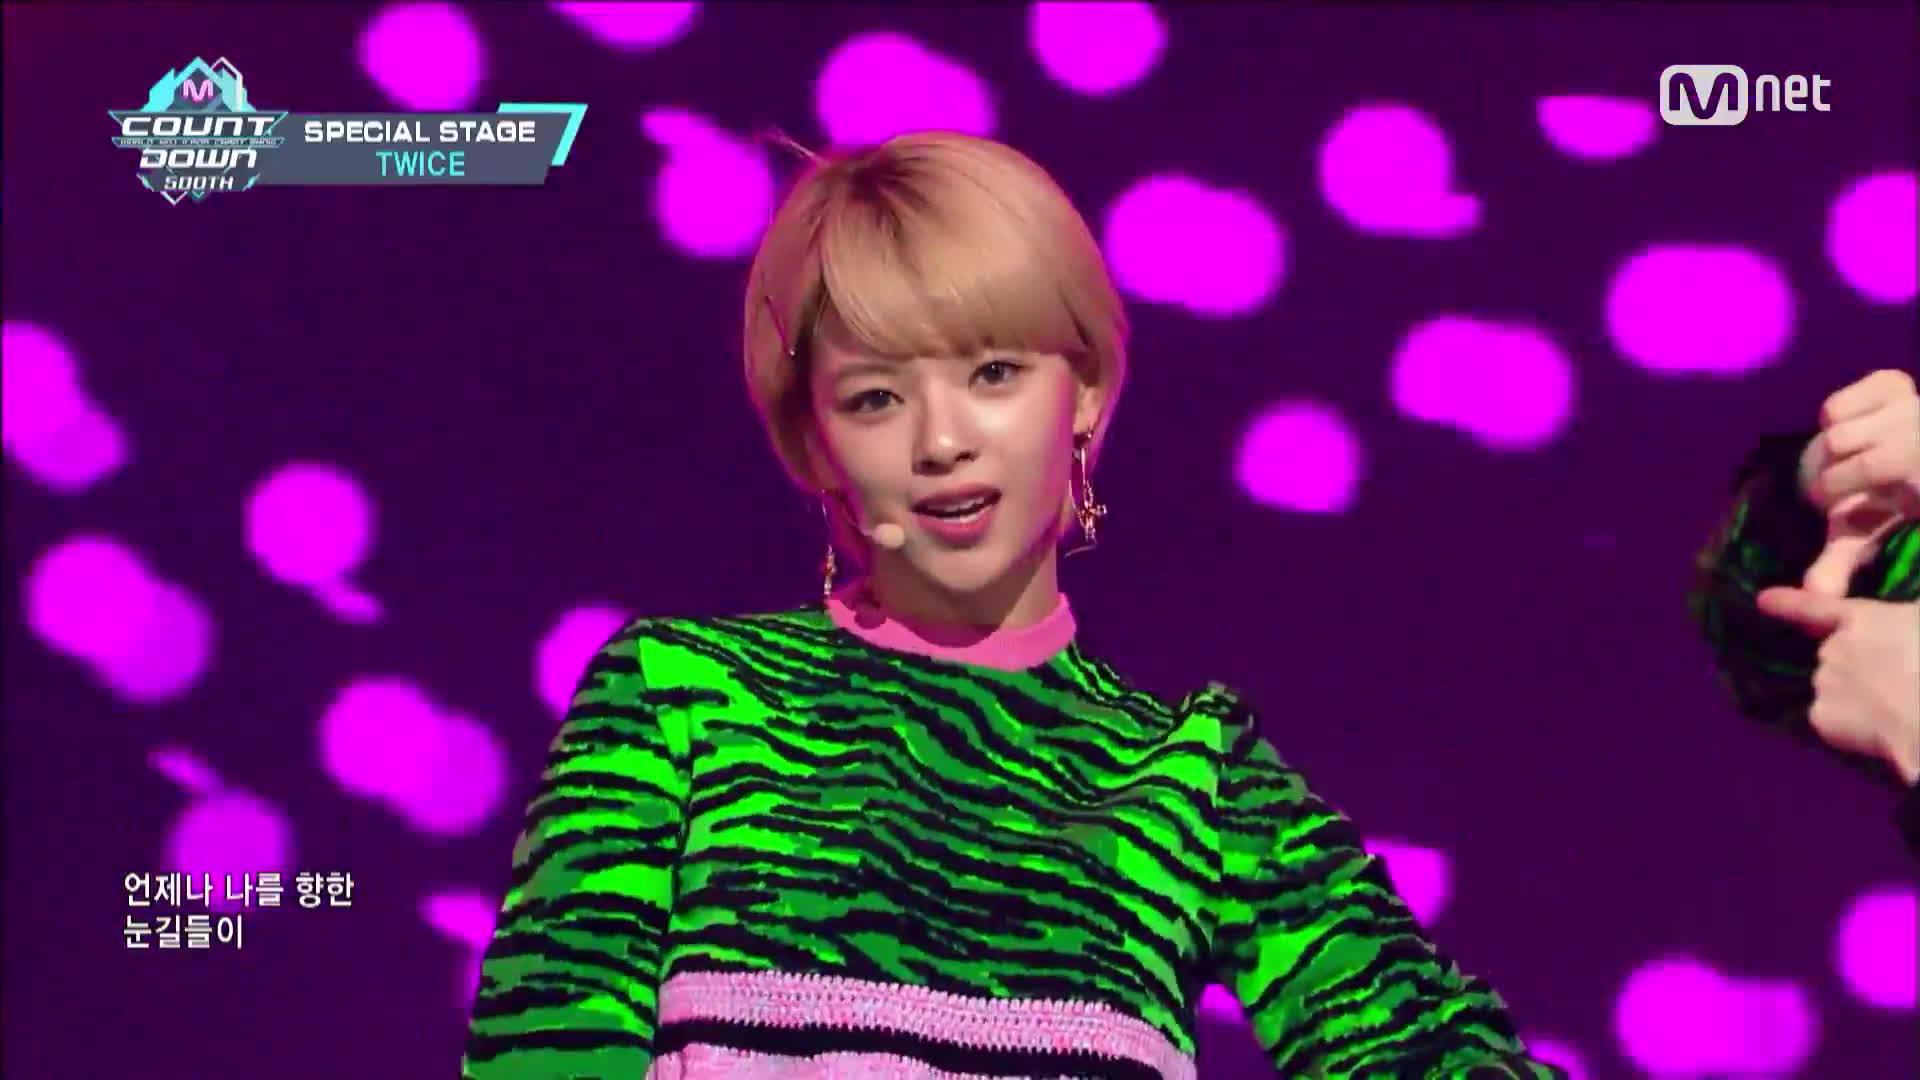 Nhóm nhạc TWICE chơi lớn khi cả 9 thành viên cùng mặc đồ HM x Kenzo lên sân khấu ảnh 2